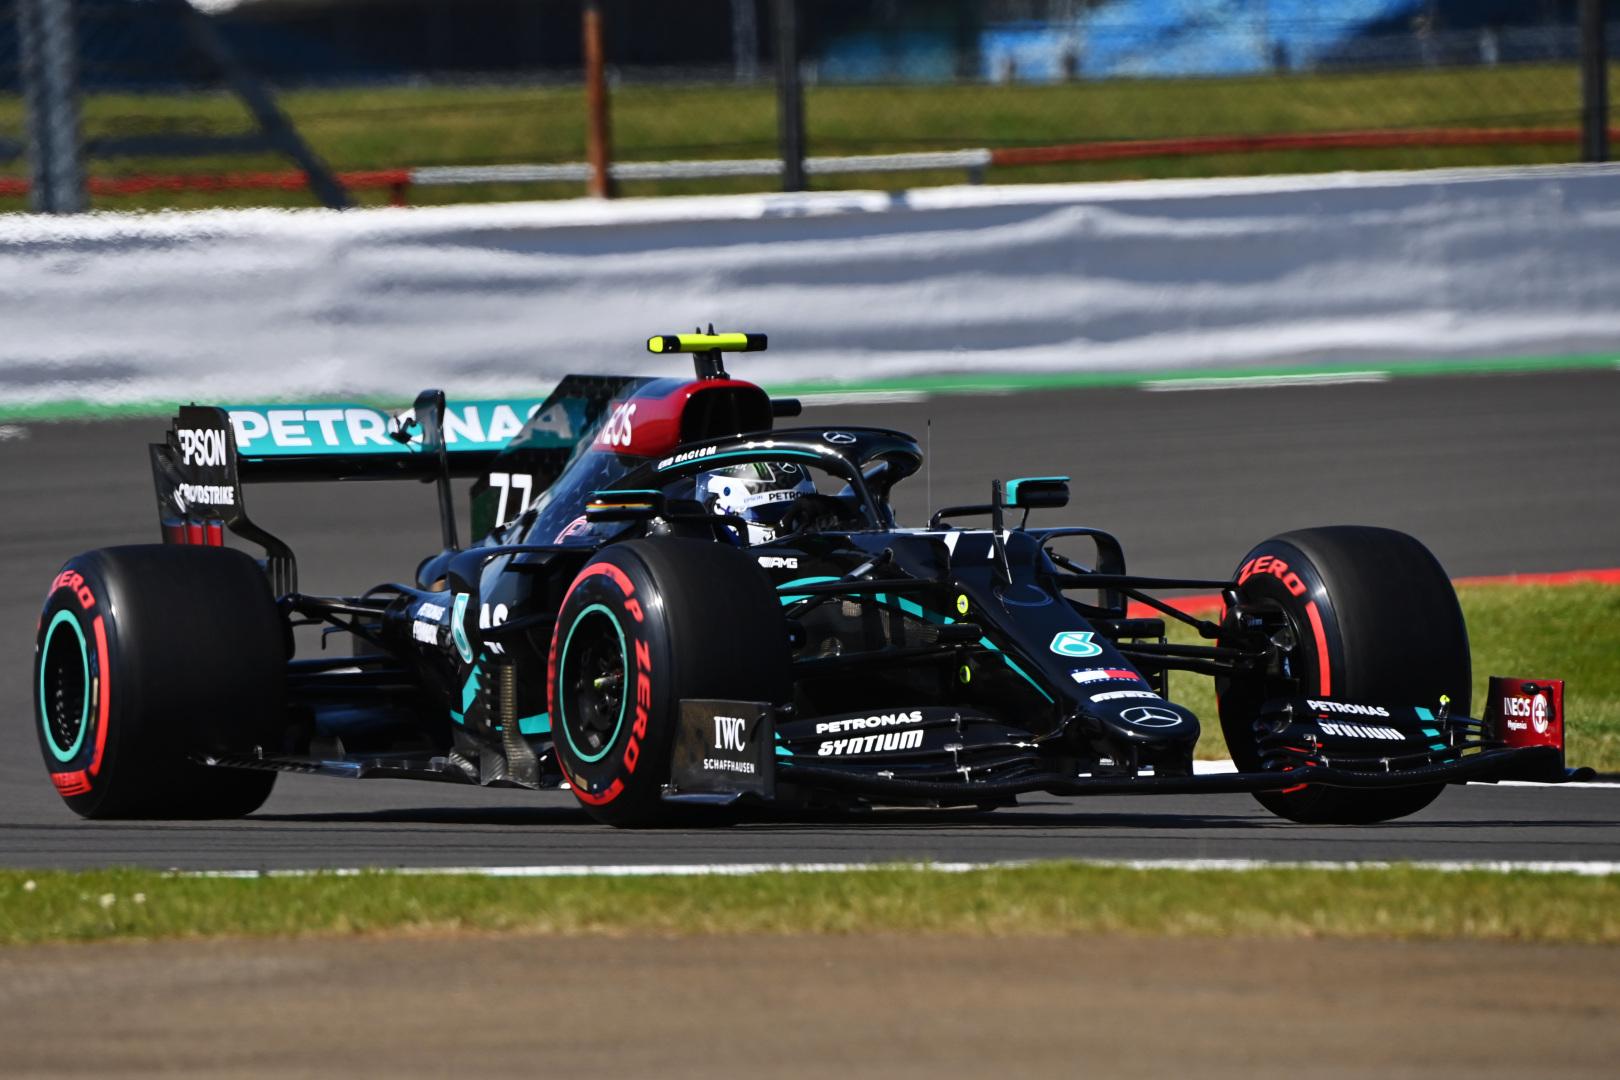 Ispanijos GP: penktadienio treniruotė Nr.1